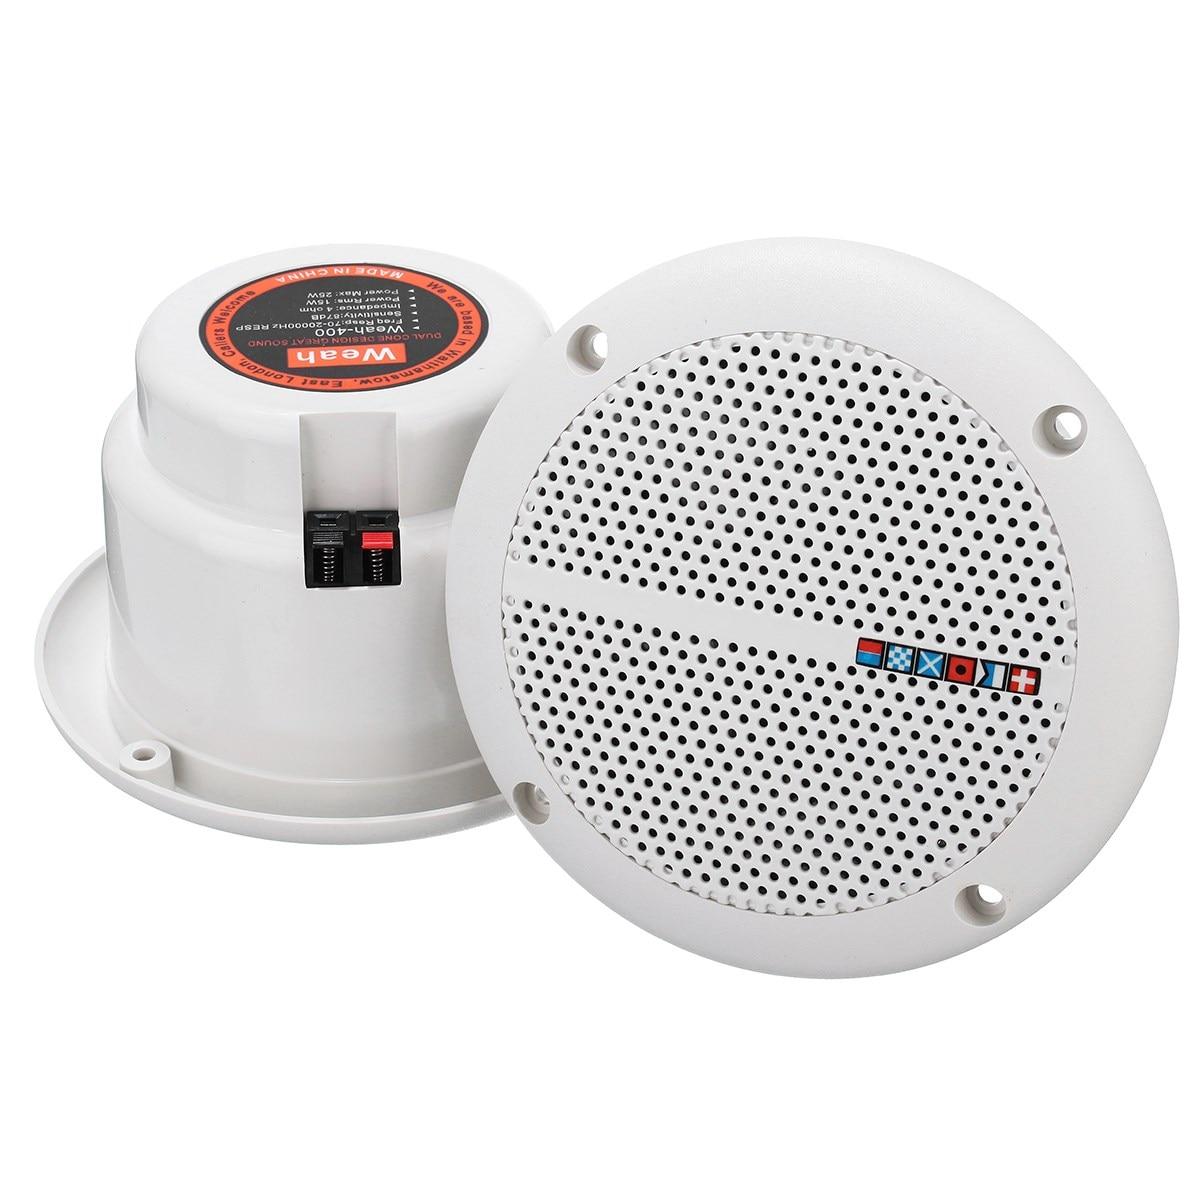 speakers voor badkamer] - 100 images - kbsound premium 5 inbouwradio ...